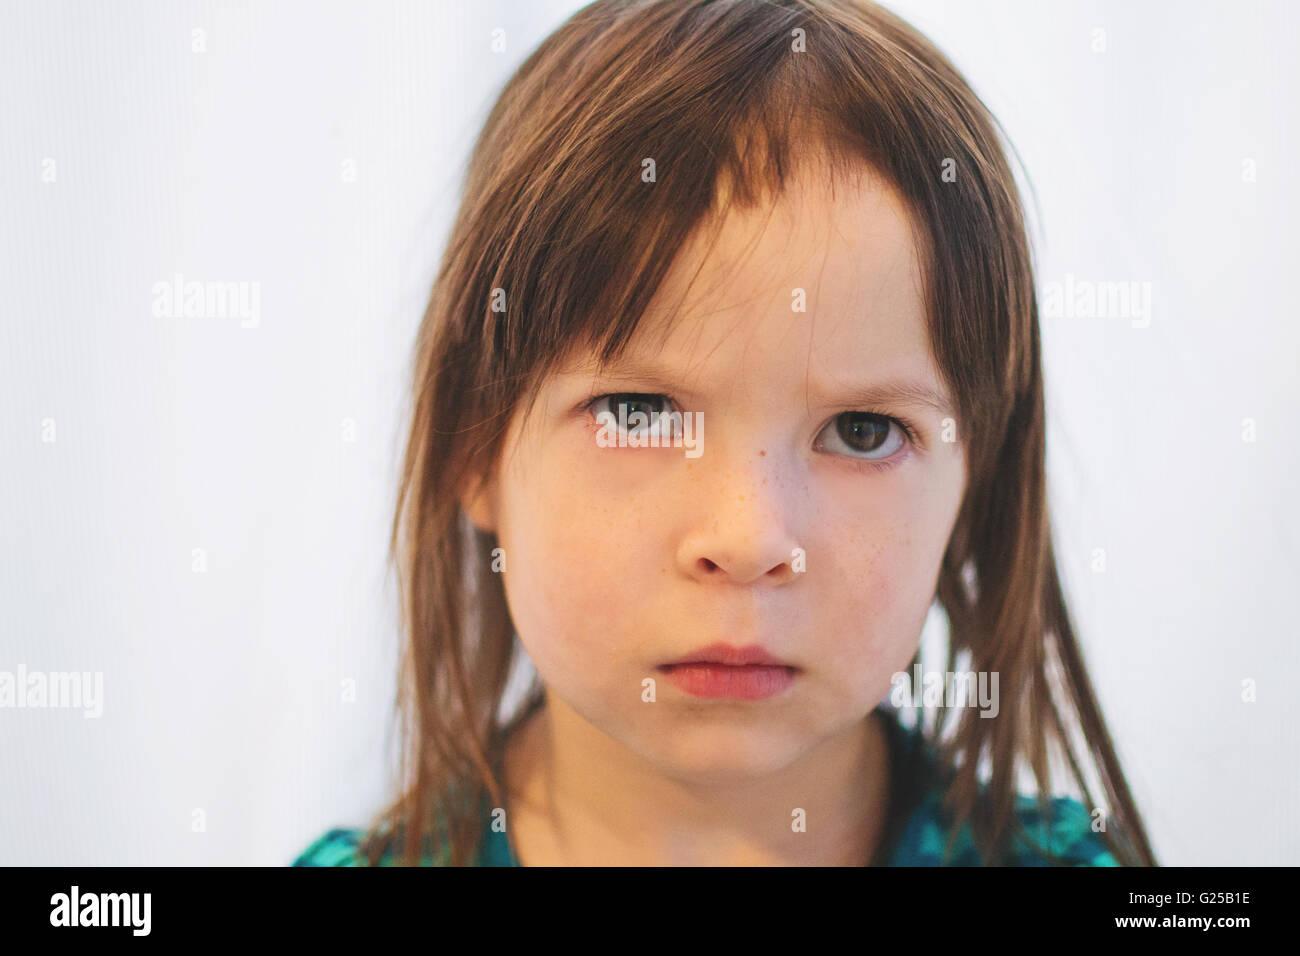 Portrait d'une jeune fille qui a réduit ses propres cheveux Photo Stock